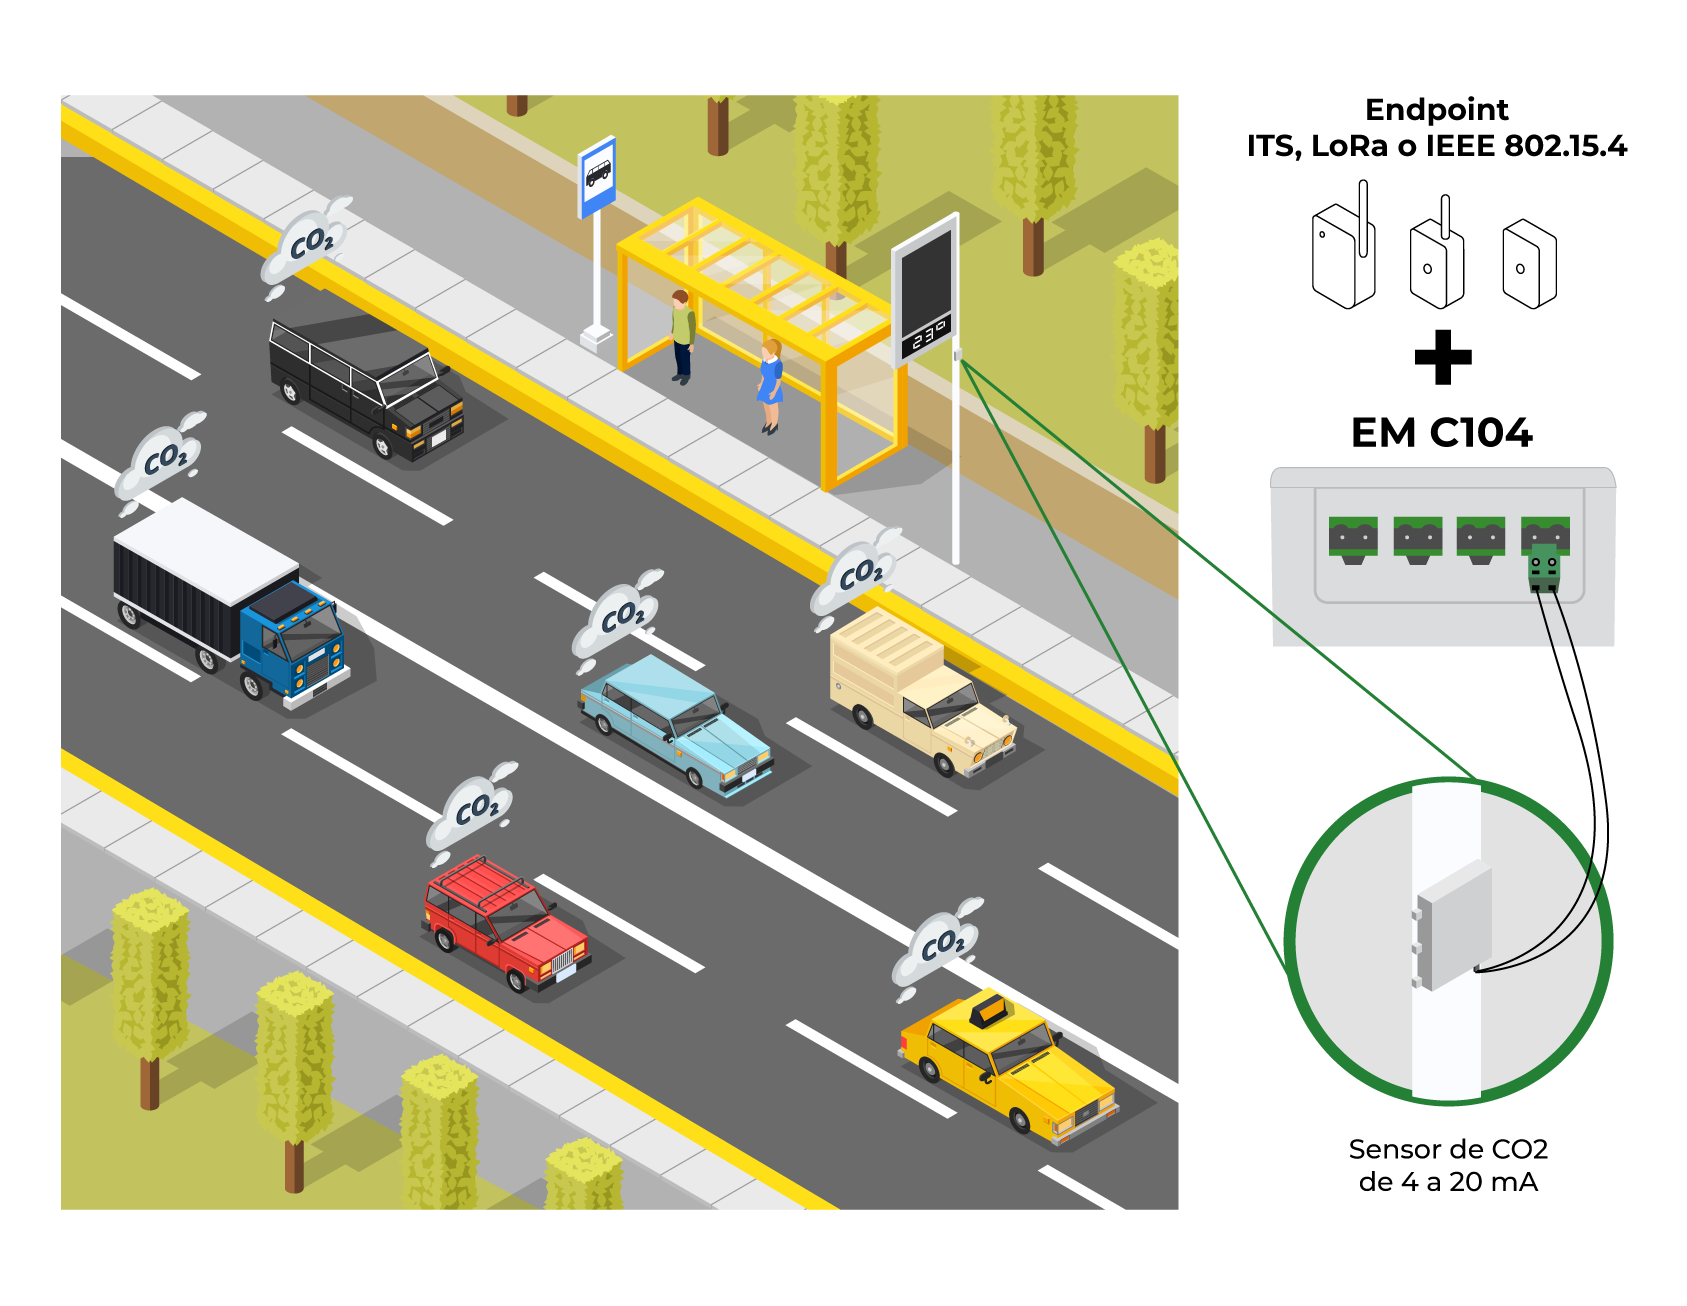 Modelo de aplicación - EM C104 (extensión Endpoints IoT Khomp)